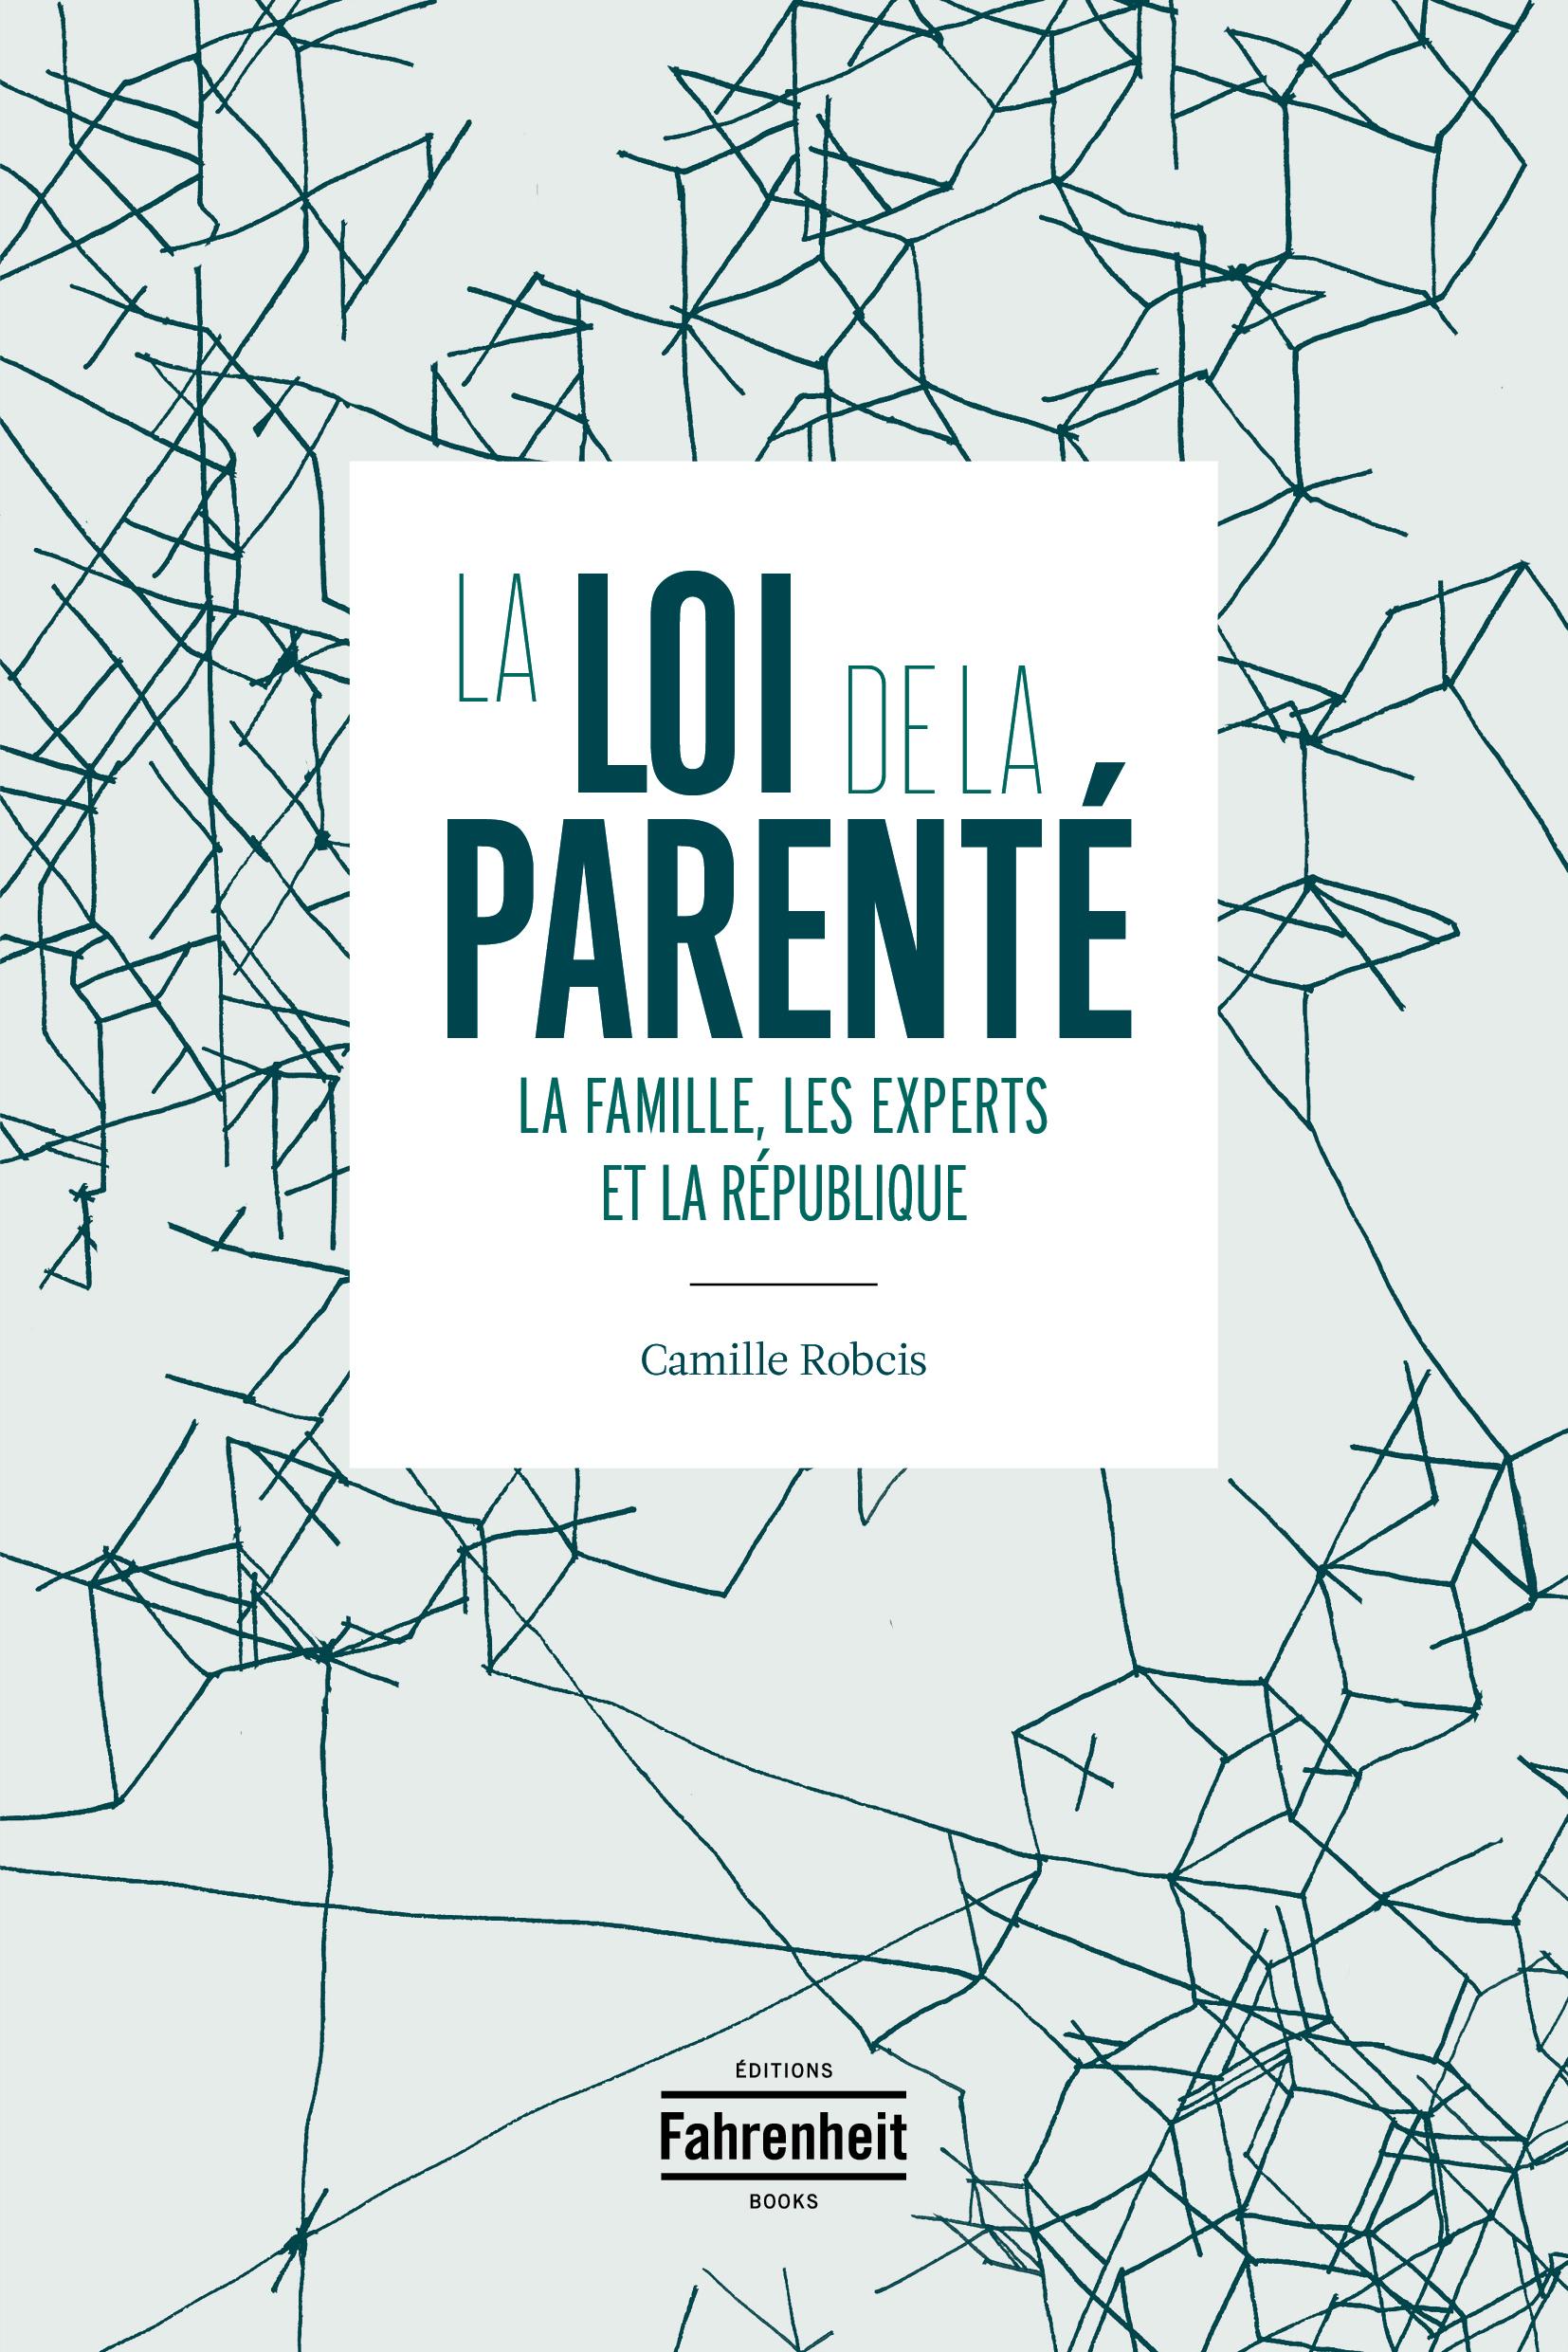 ISBN 979-10-94265-02-4   22€